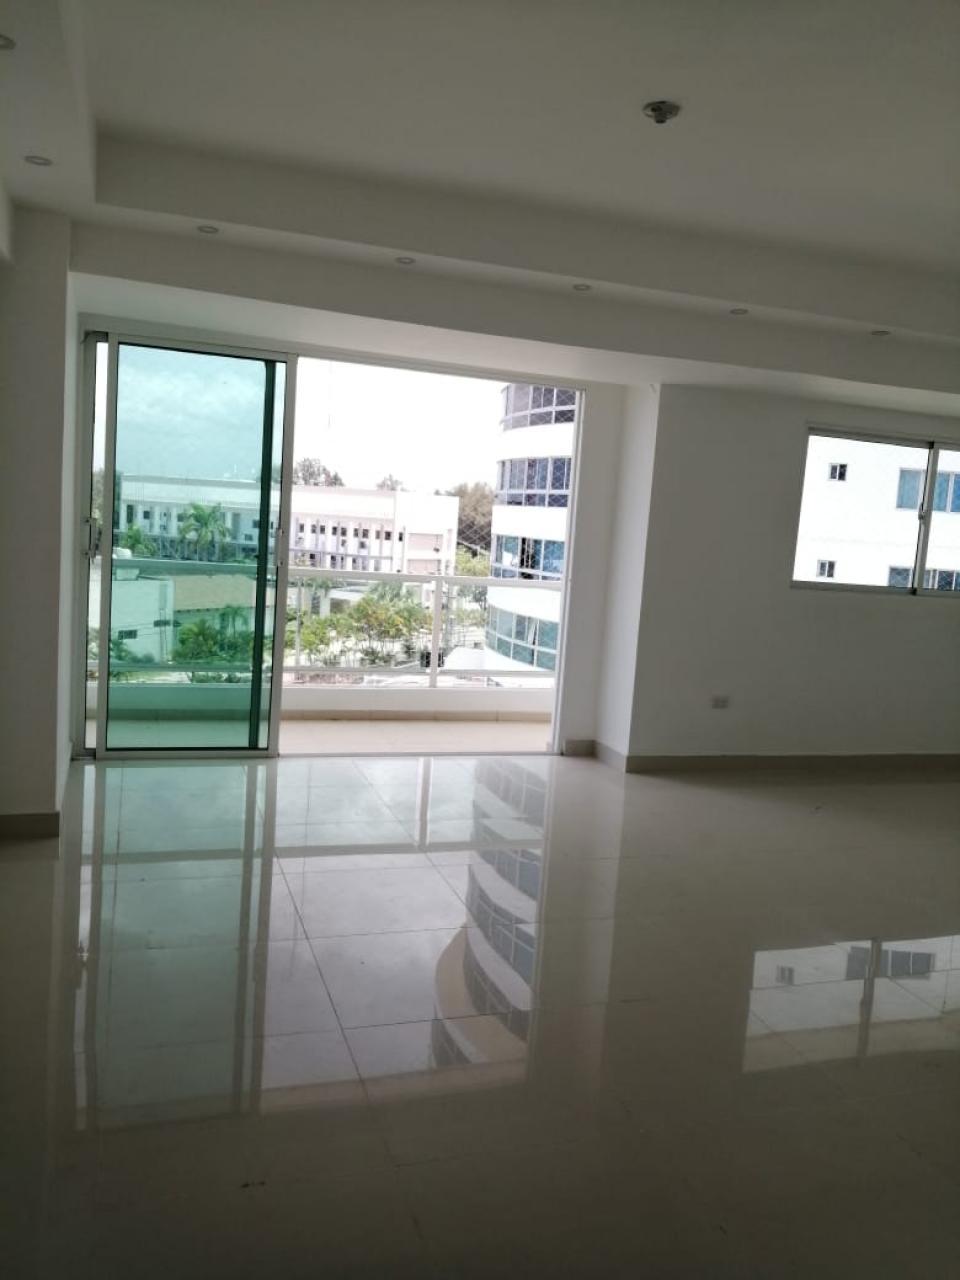 Apartamento en venta en el sector RENACIMIENTO precio RD$ 8,800,000.00 RD$8,800,000